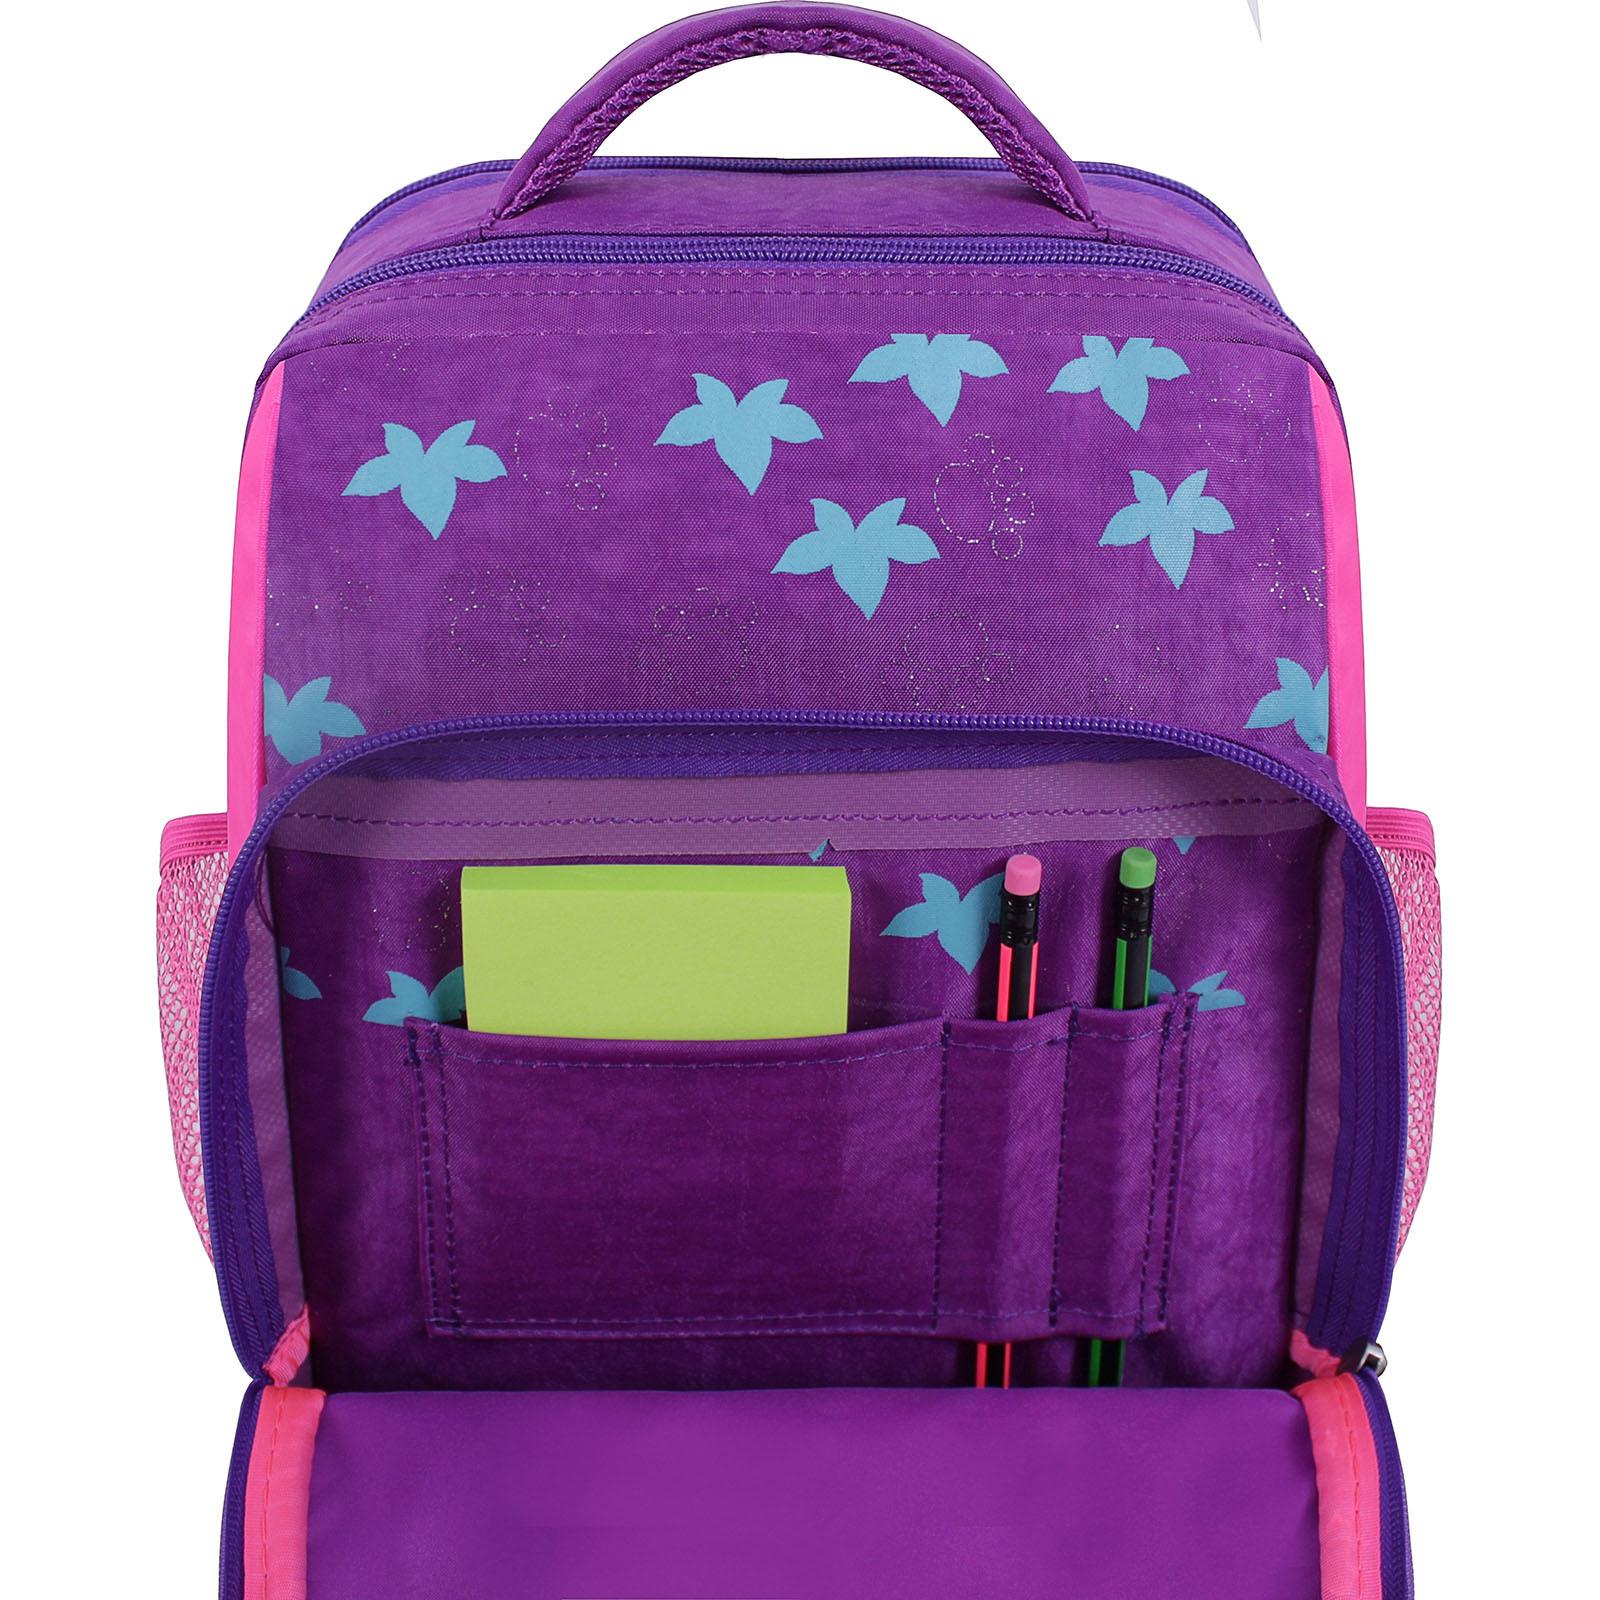 Рюкзак школьный Bagland Школьник 8 л. фиолетовый 502 (0012870) фото 4